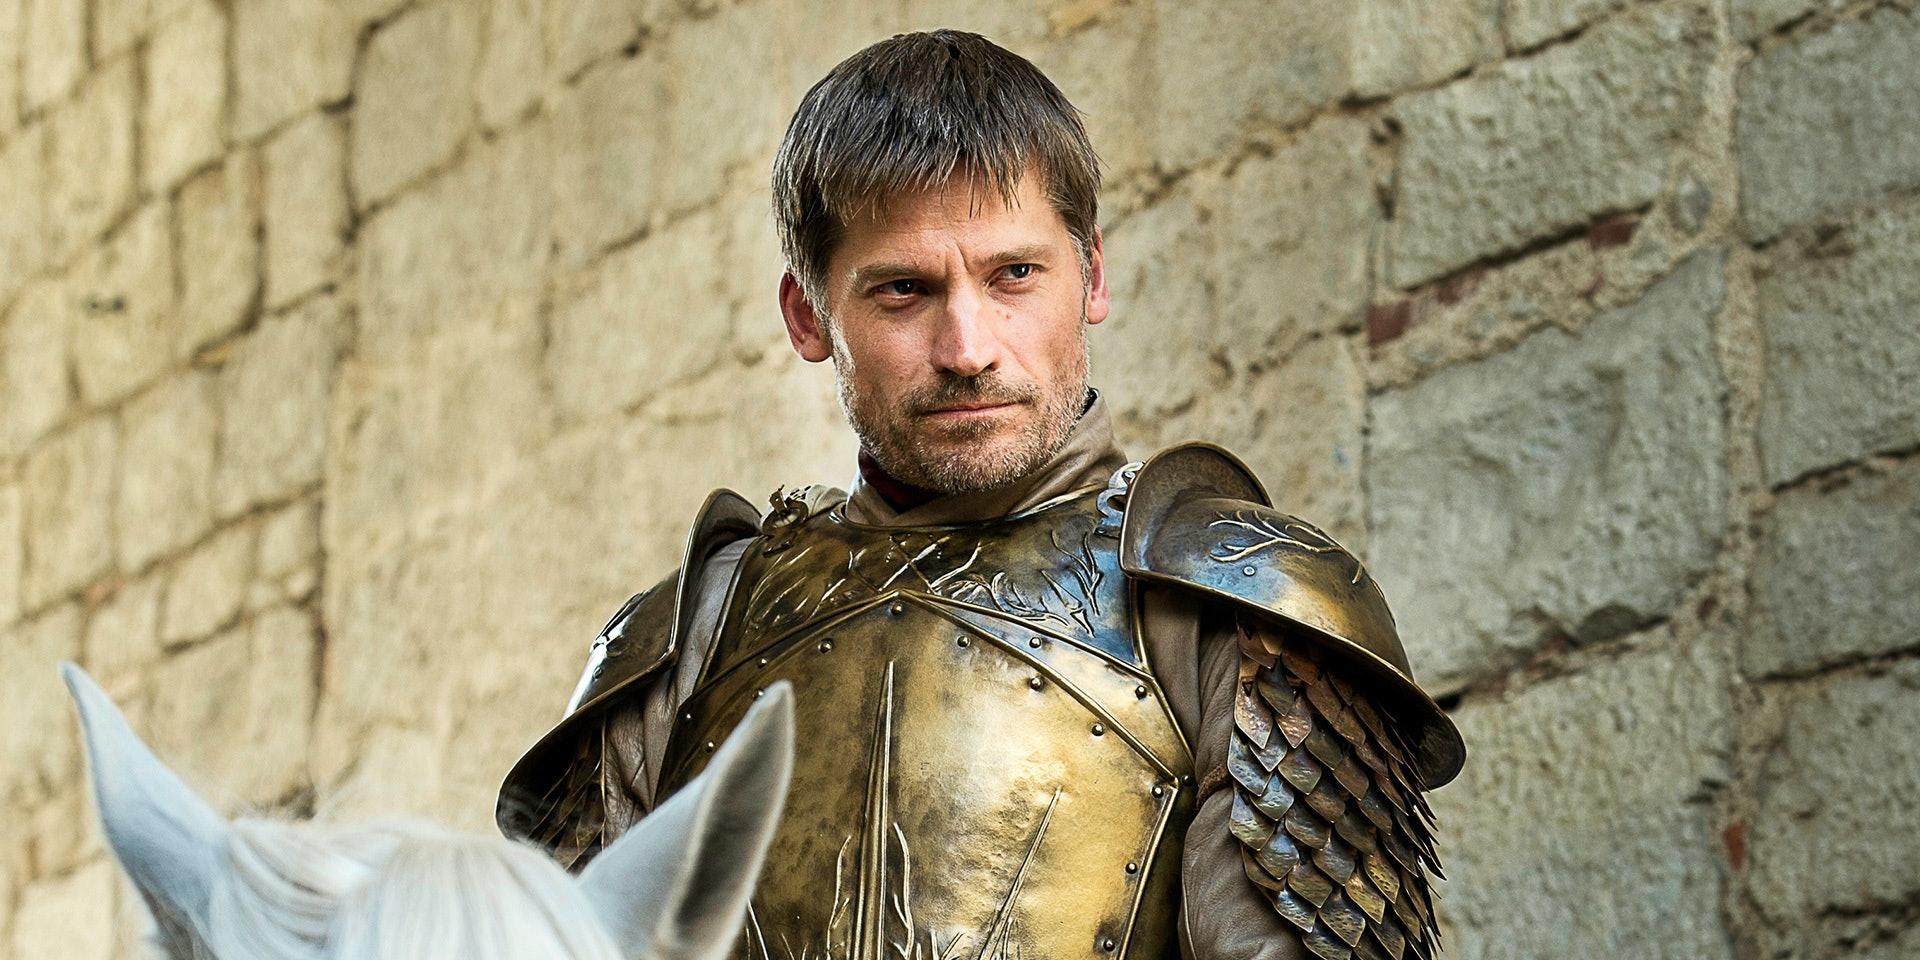 Jaime Lannister mounts up